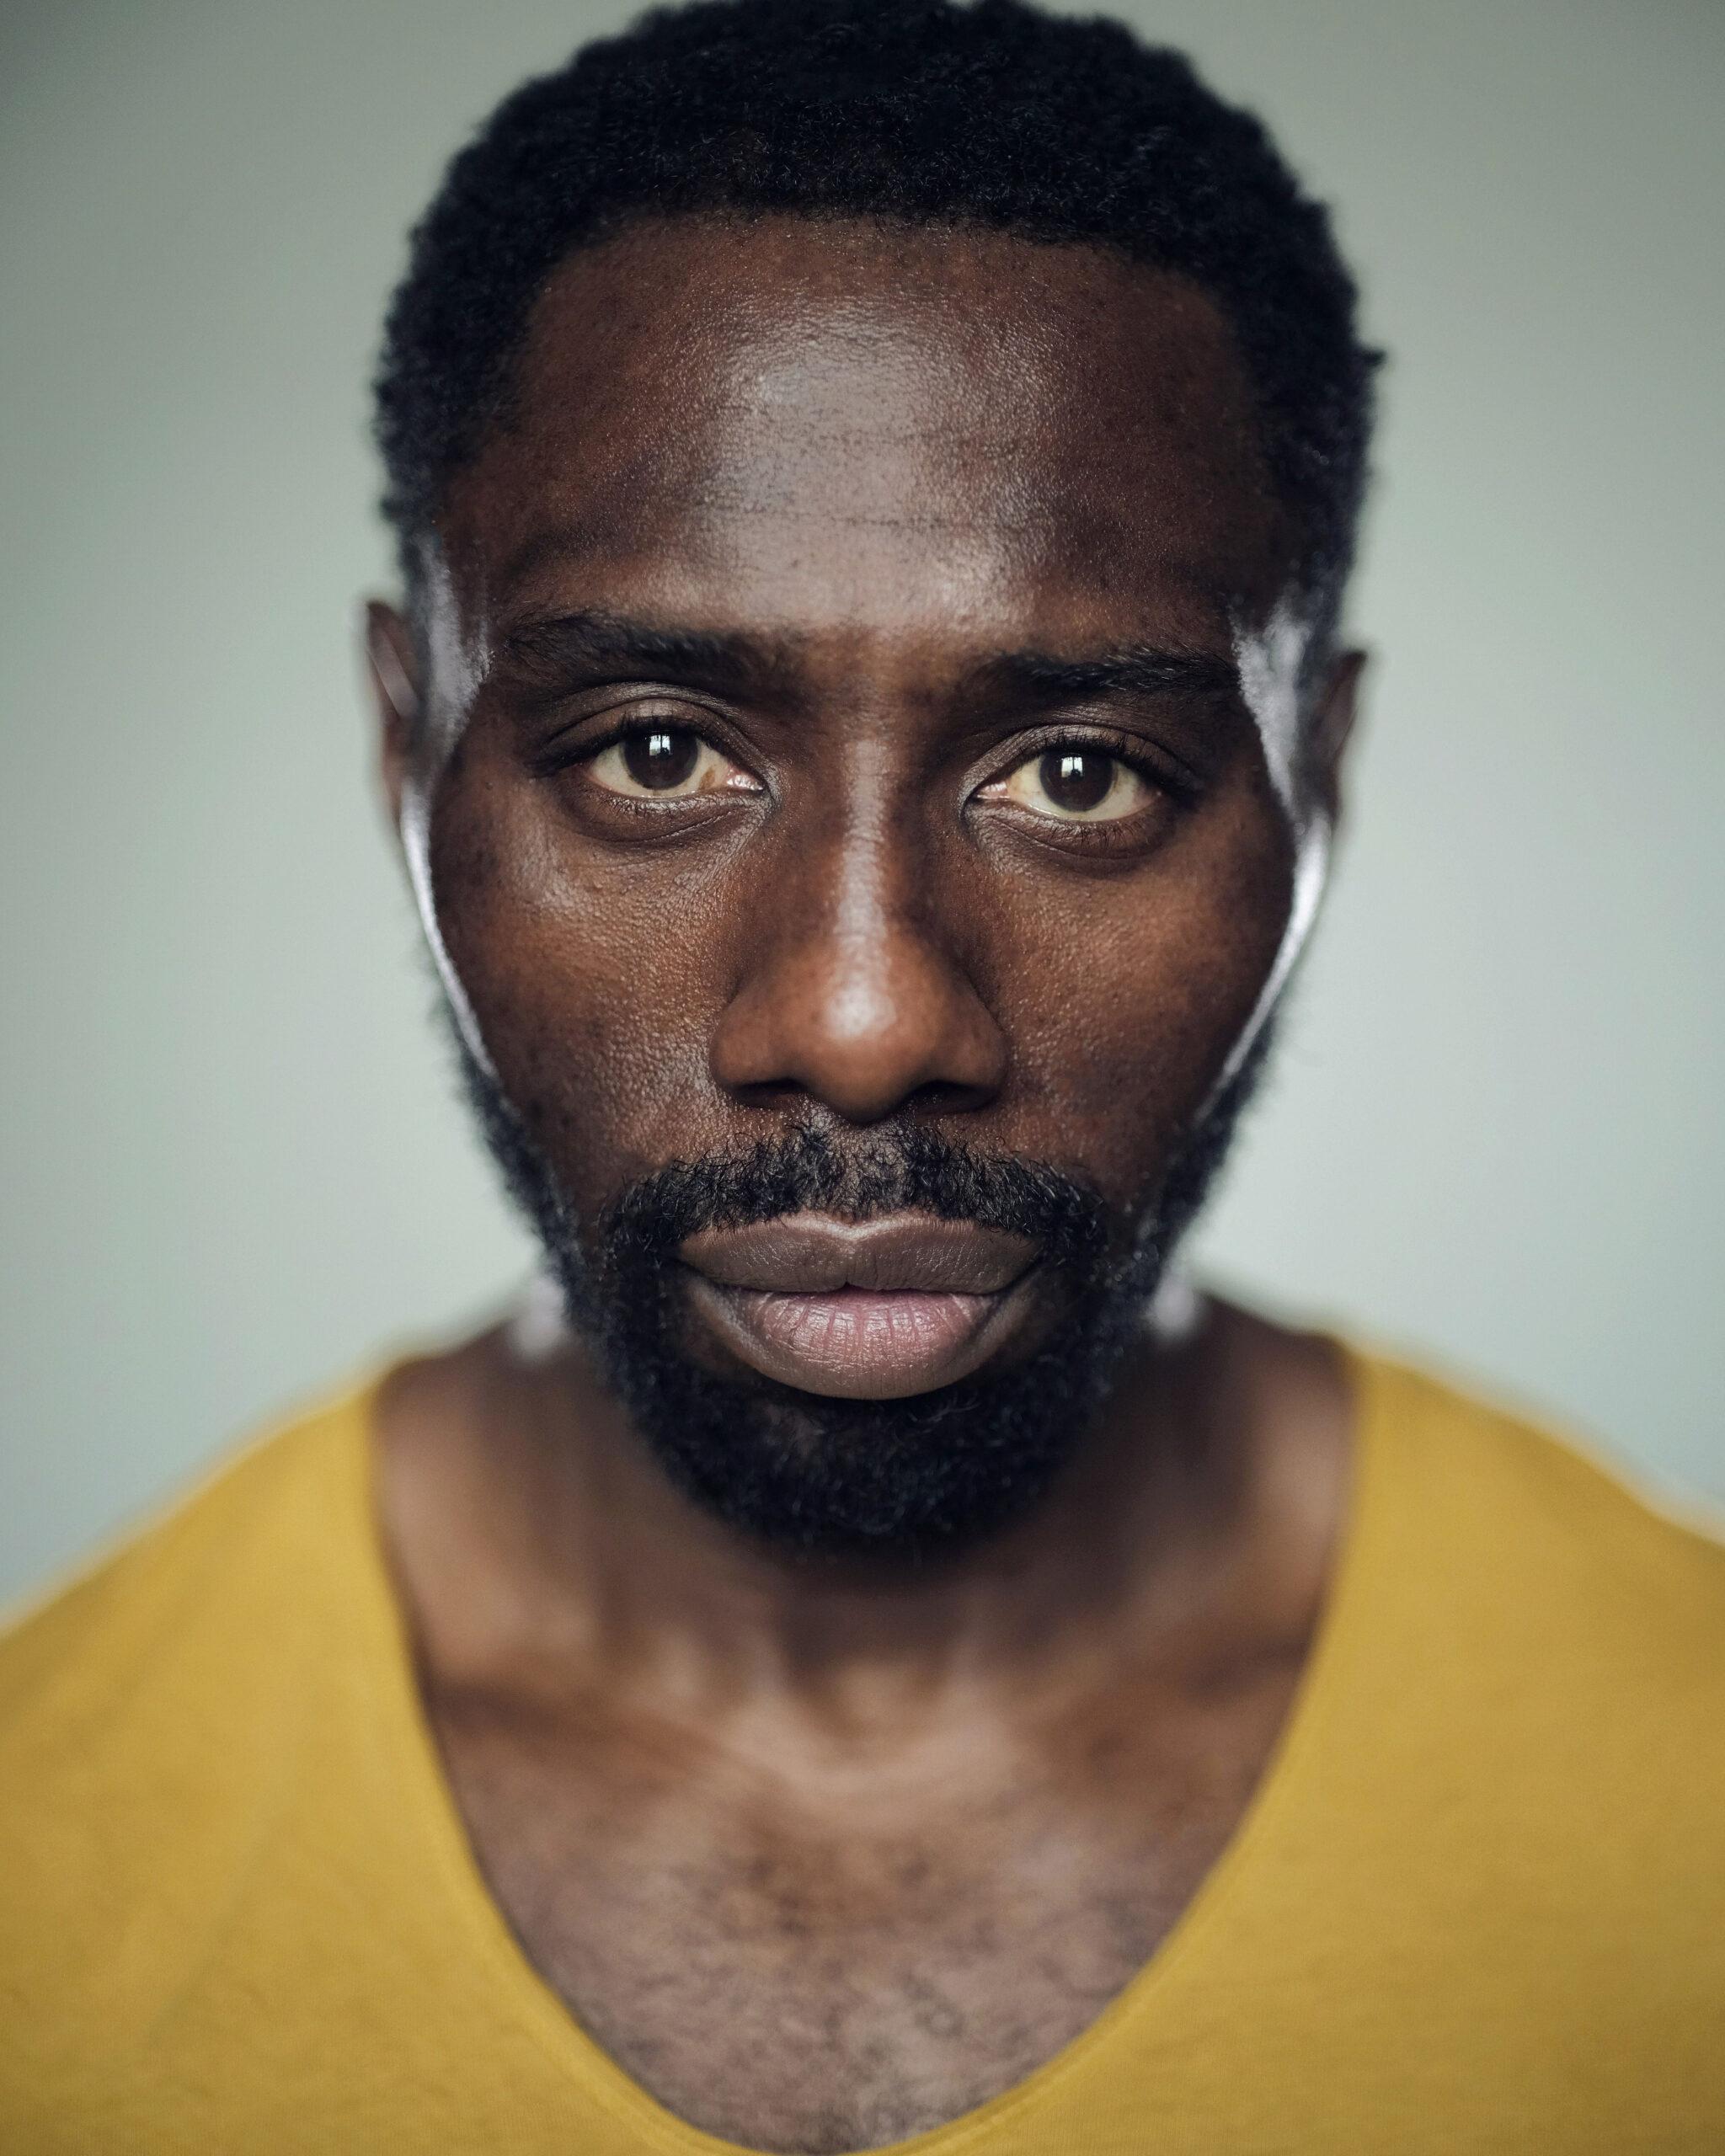 Edwin Nwachukwu Jr